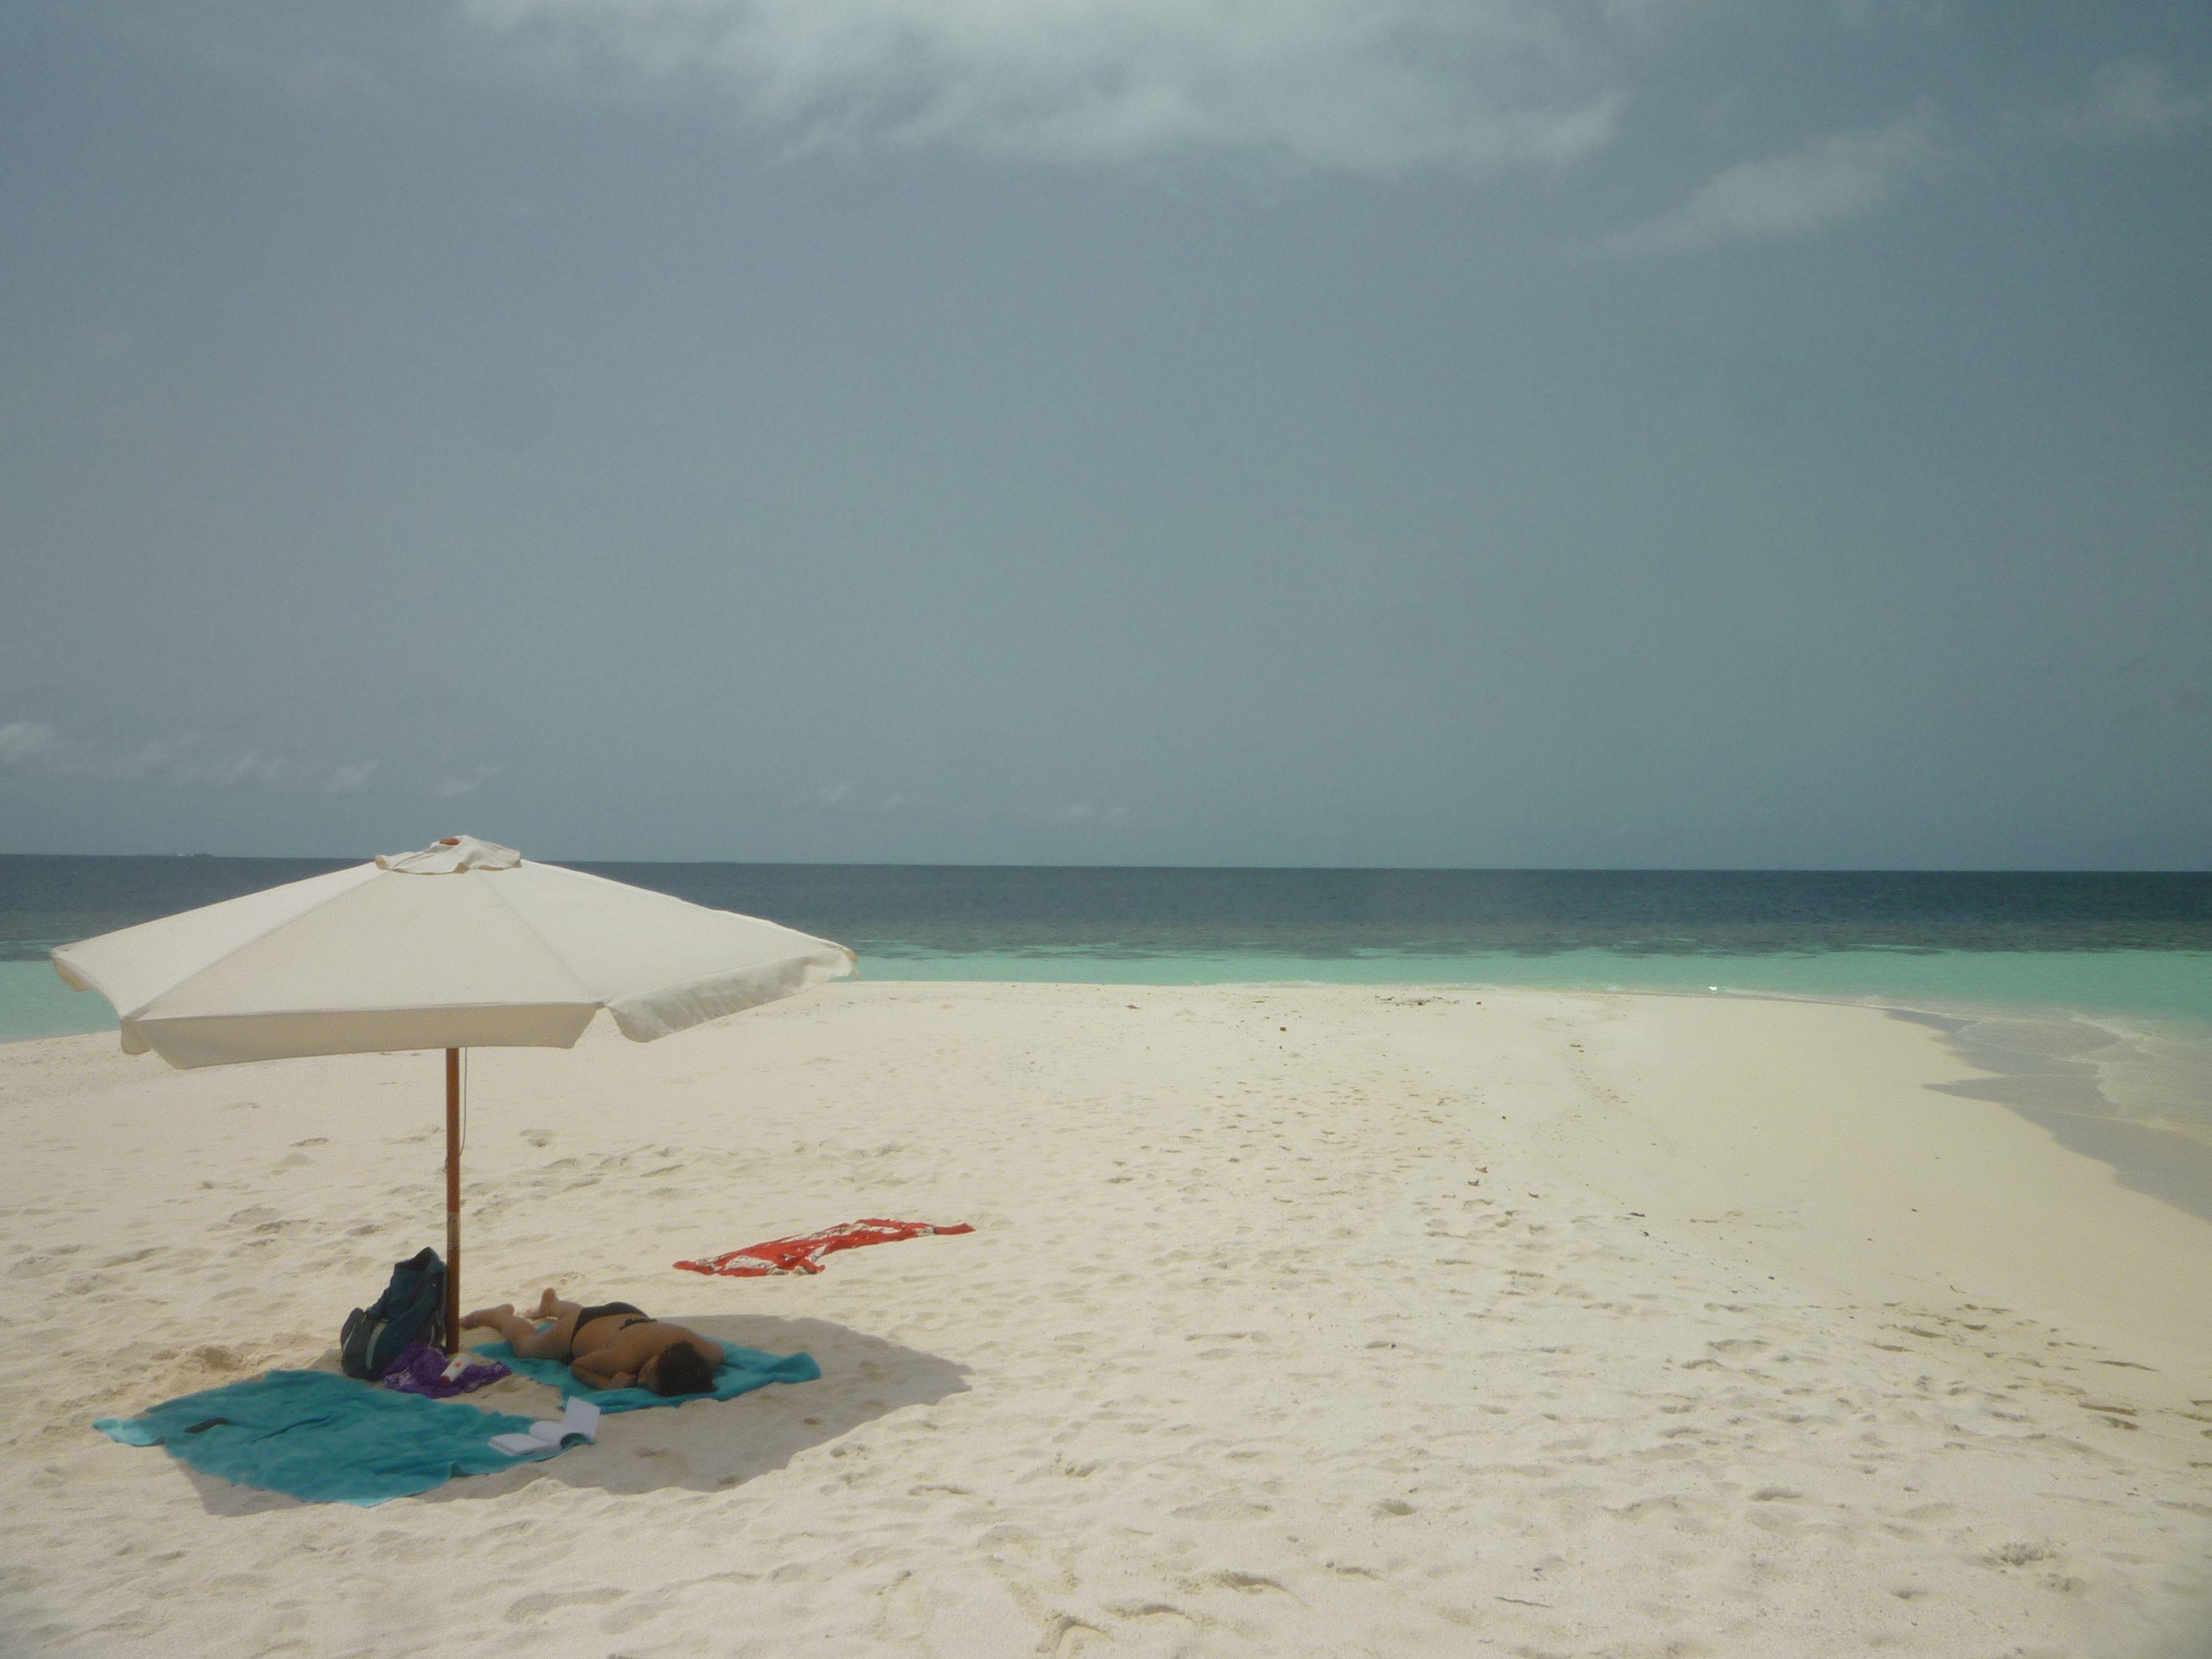 Maldive cosa vedere e cosa fare - Piastrella scheggiata cosa fare ...